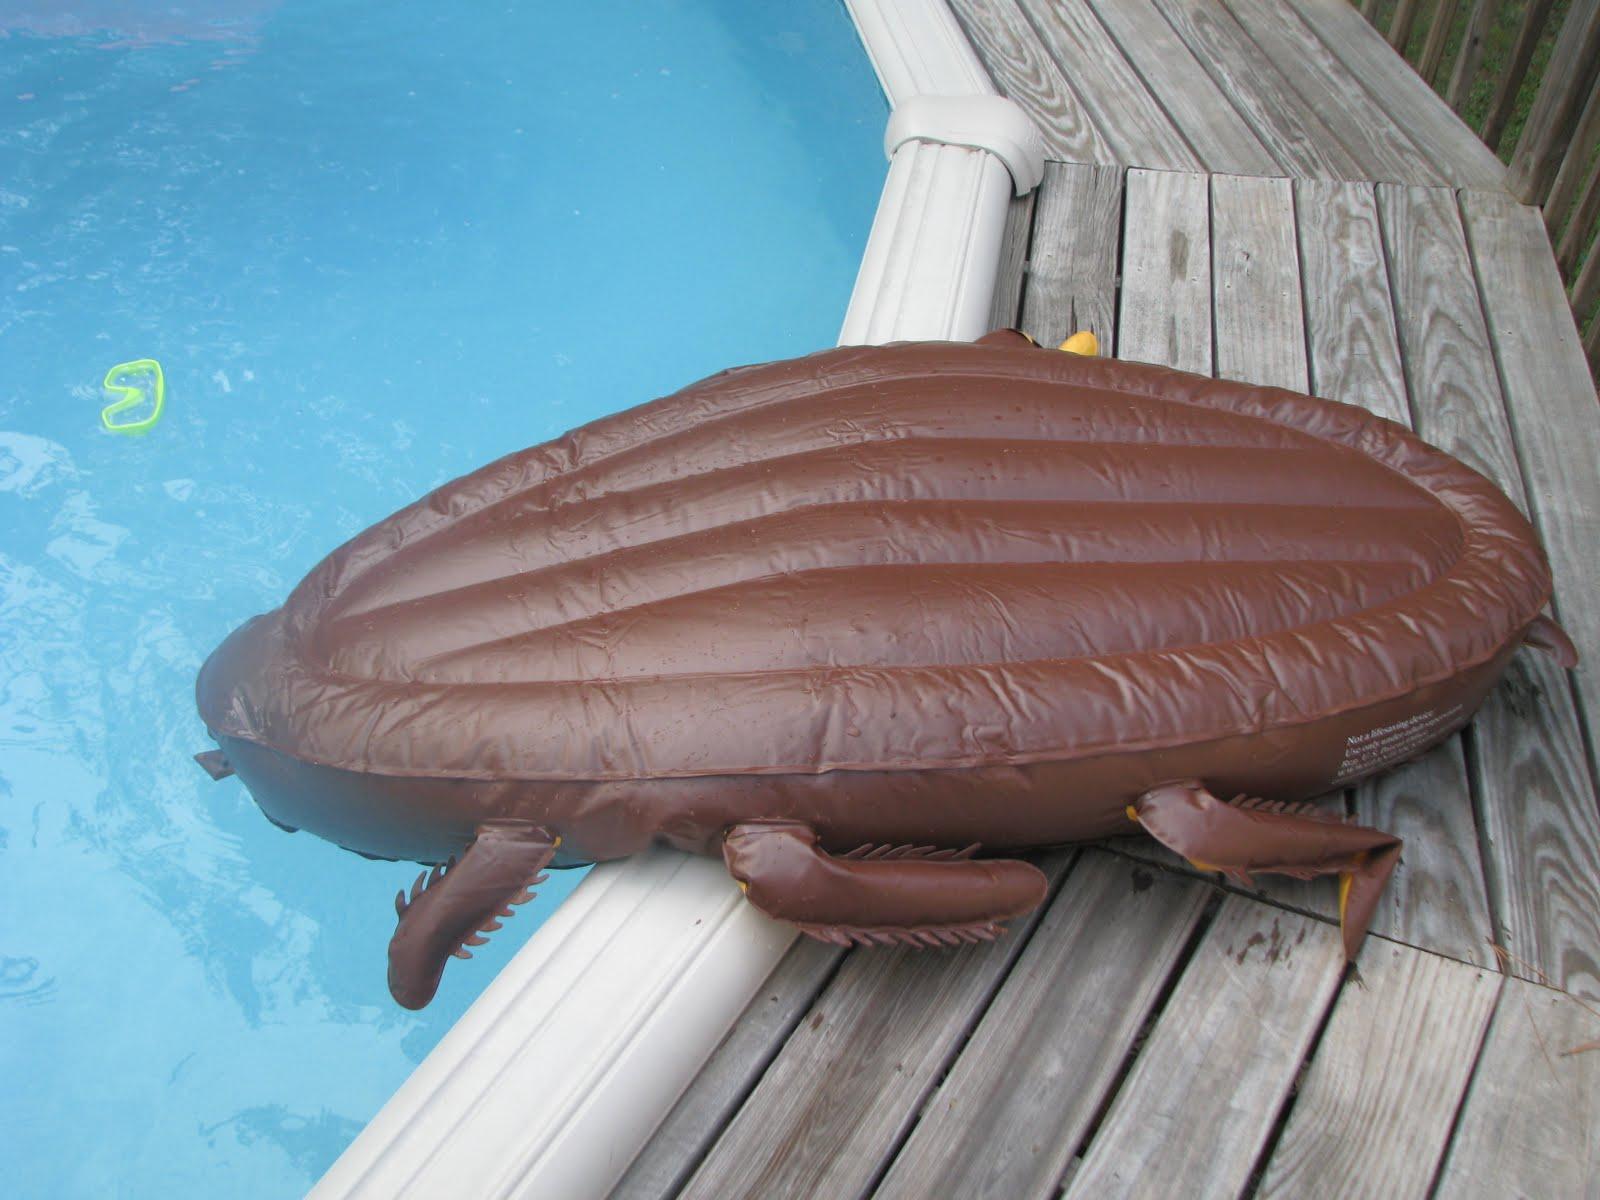 The Birdhouse Giant Roach